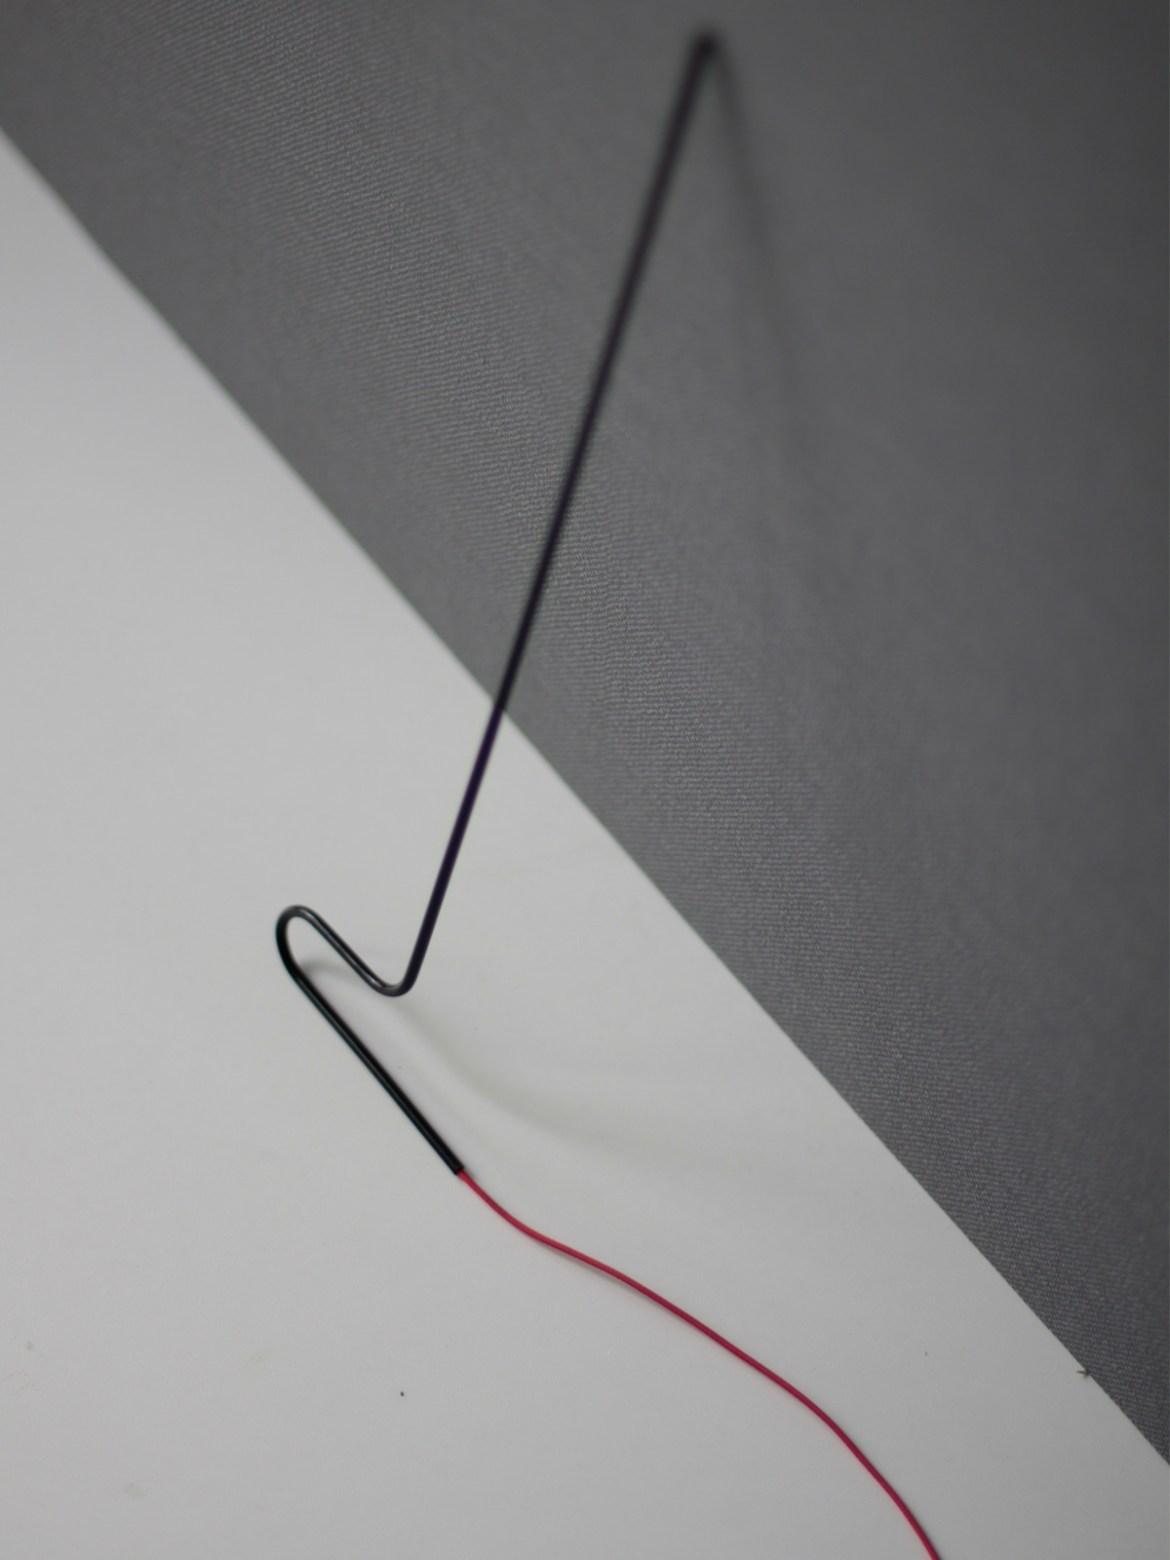 DesignOrt Blog: Ausgefallene Designerleuchten Lehnleuchte Bodenleuchte Stehleuchte Leana roomsafari